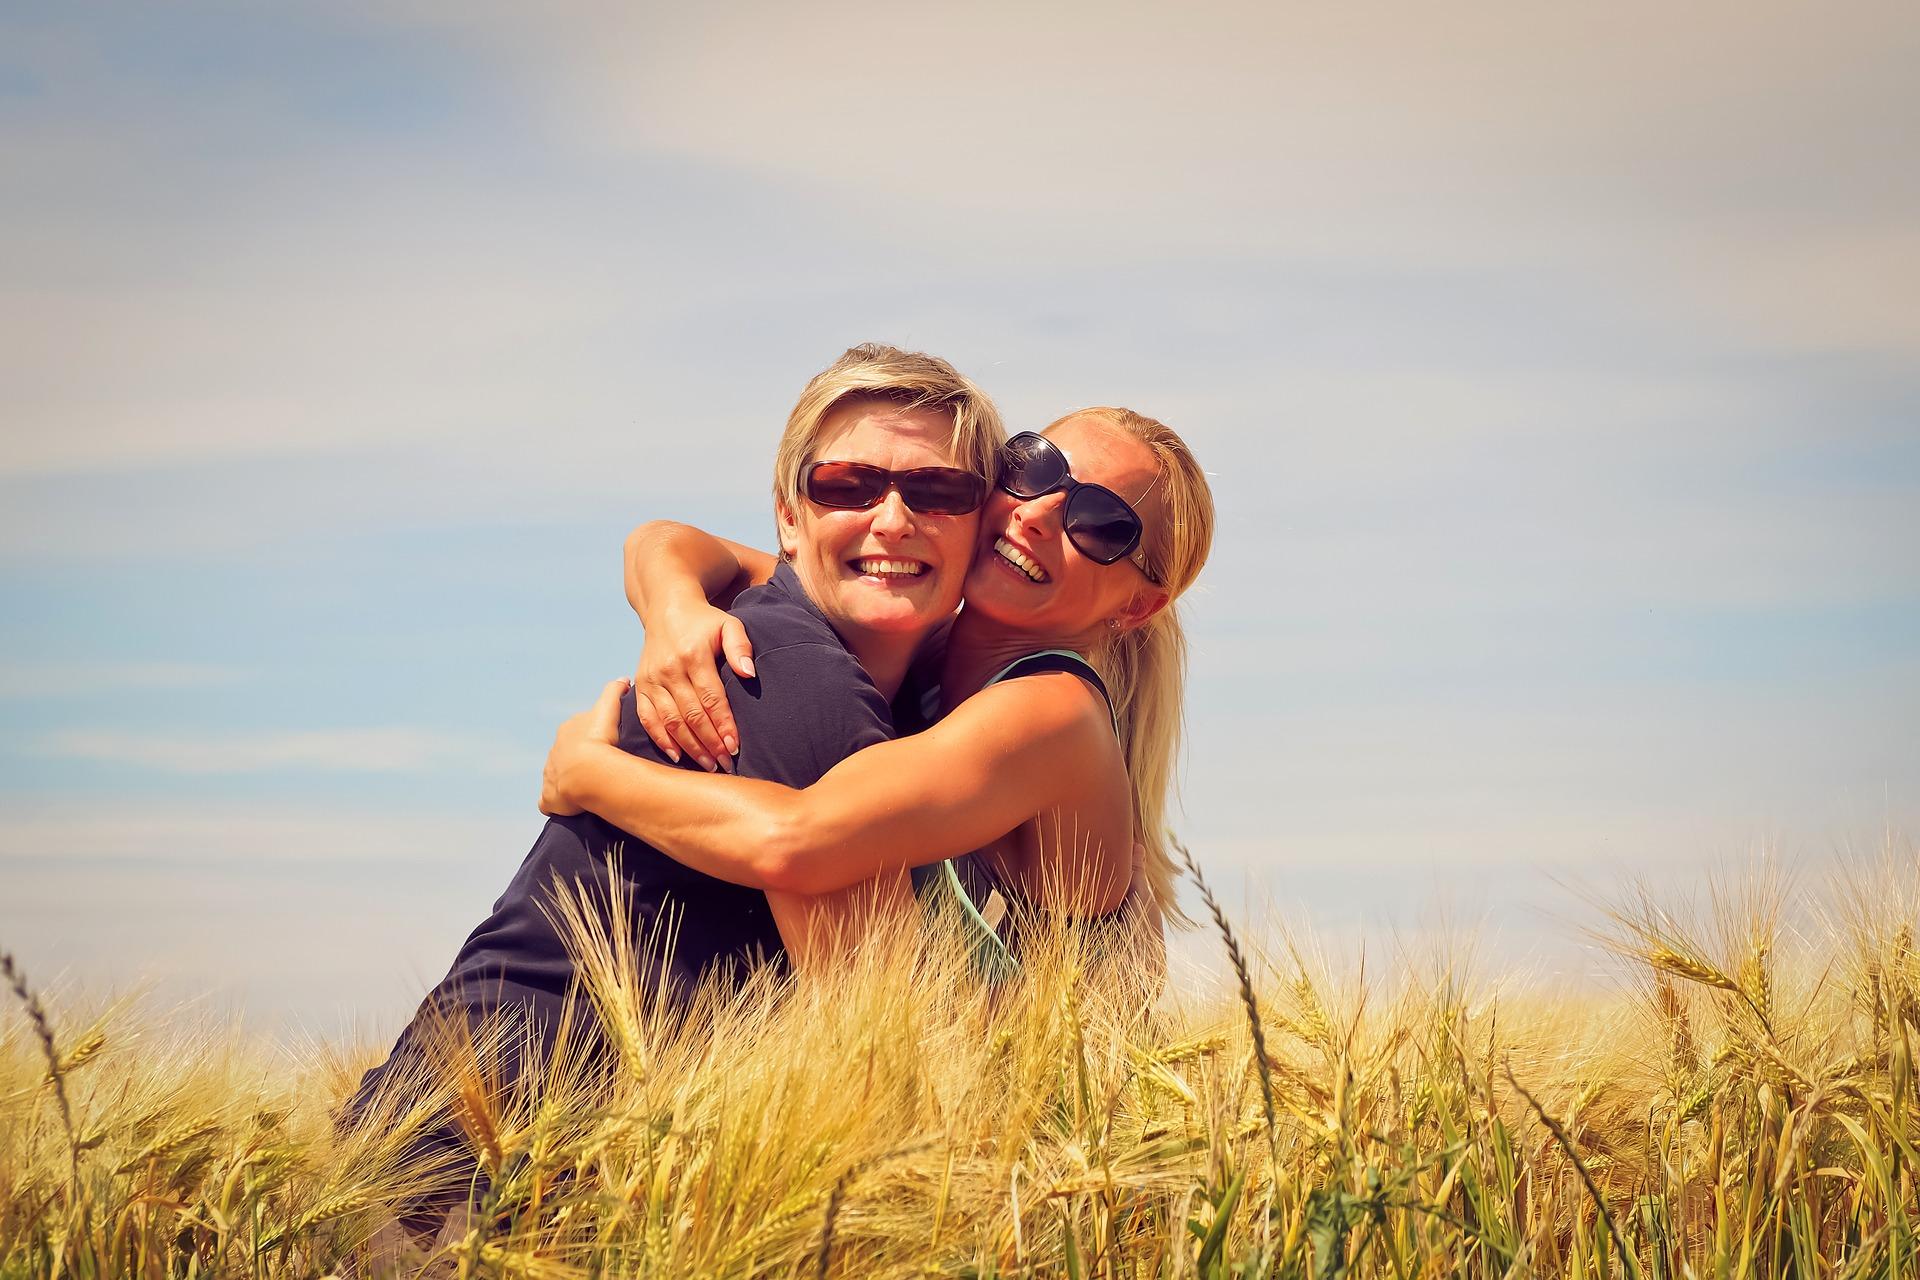 記住成為快樂熟年的關鍵,開始著手投資身邊的關係吧!